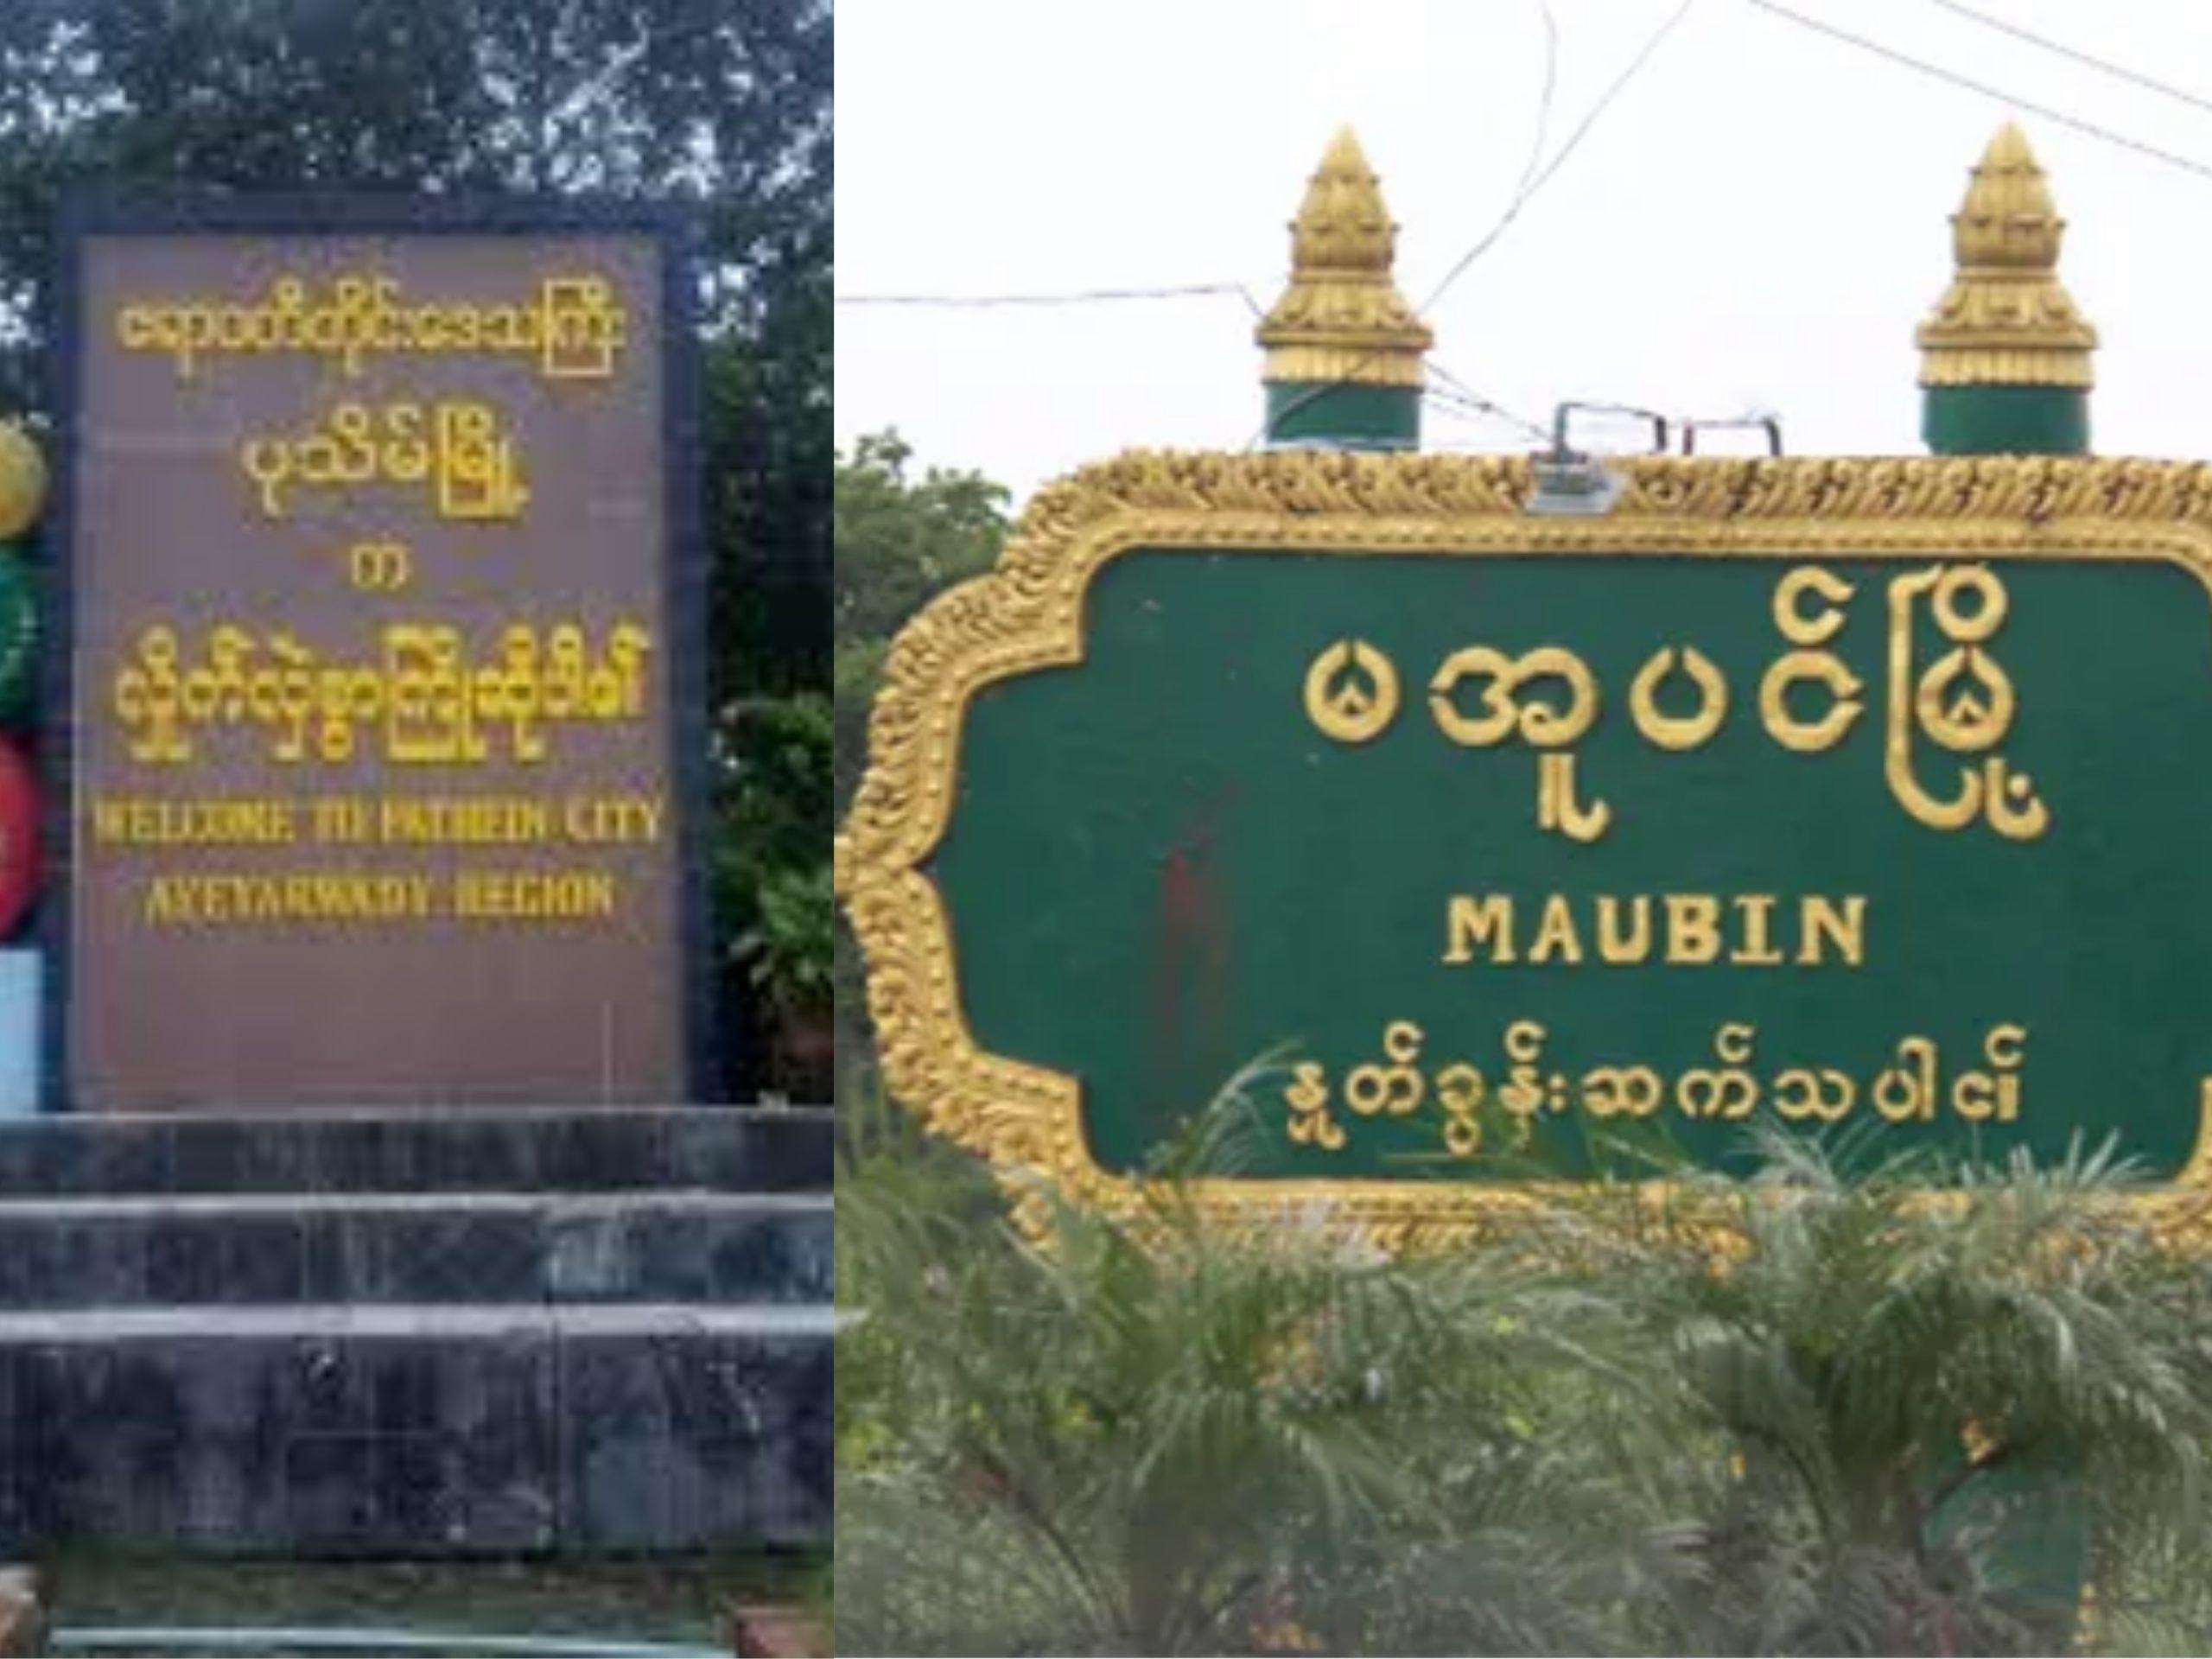 ပုသိမ်မြို့နဲ့ မအူပင်မြို့မှာ ညမထွက်ရအမိန့် ၂လထပ်တိုး